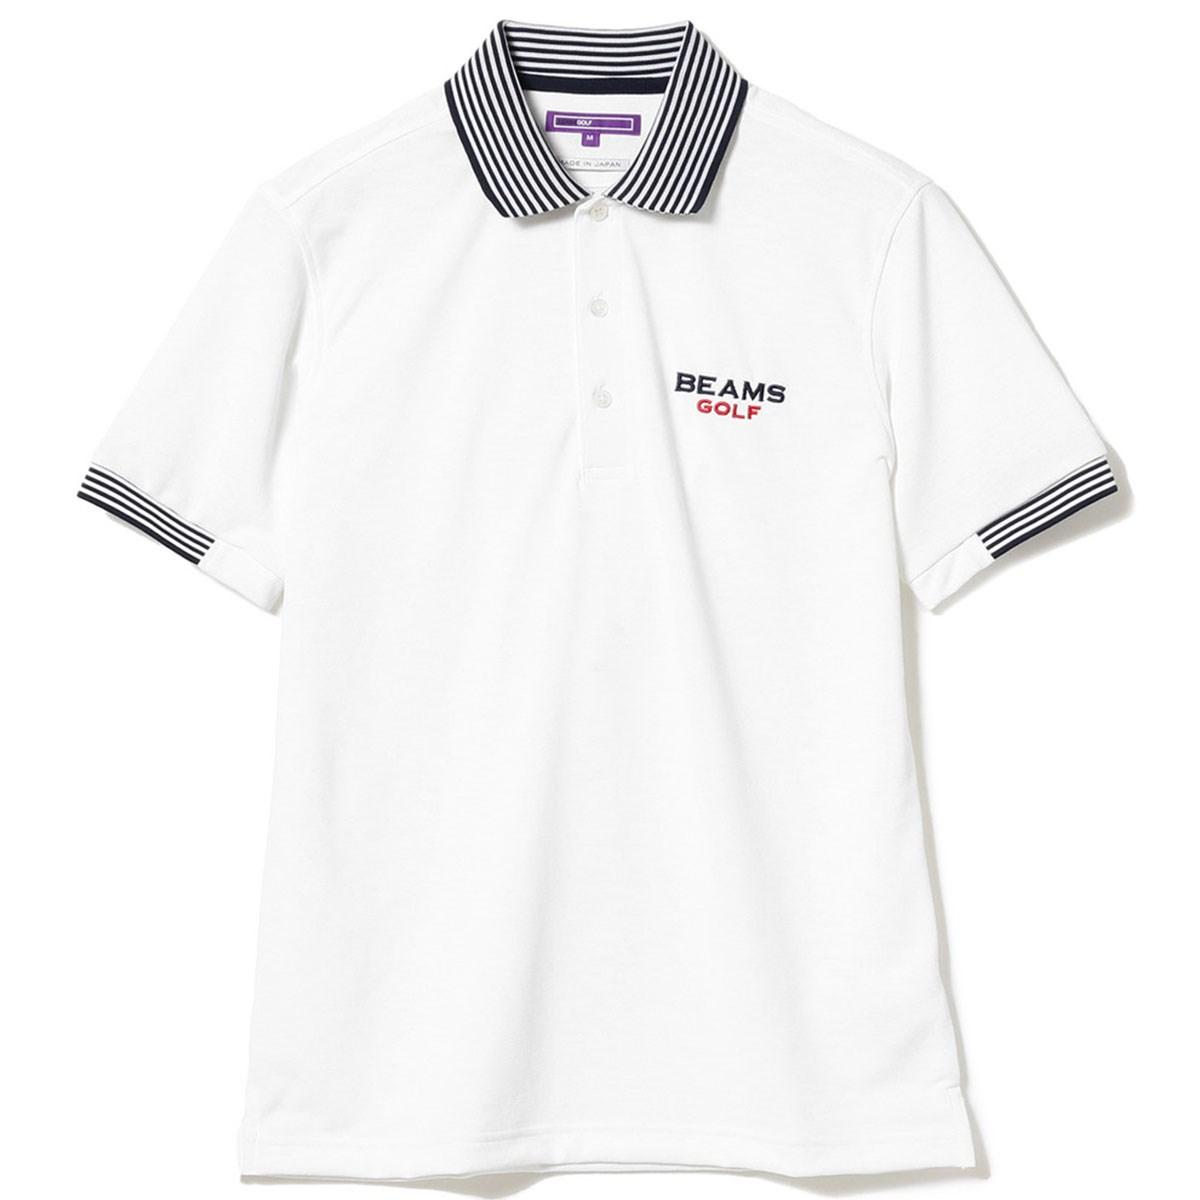 ビームスゴルフ BEAMS GOLF PURPLE LABEL  エリ裏 ロゴ ポロシャツ